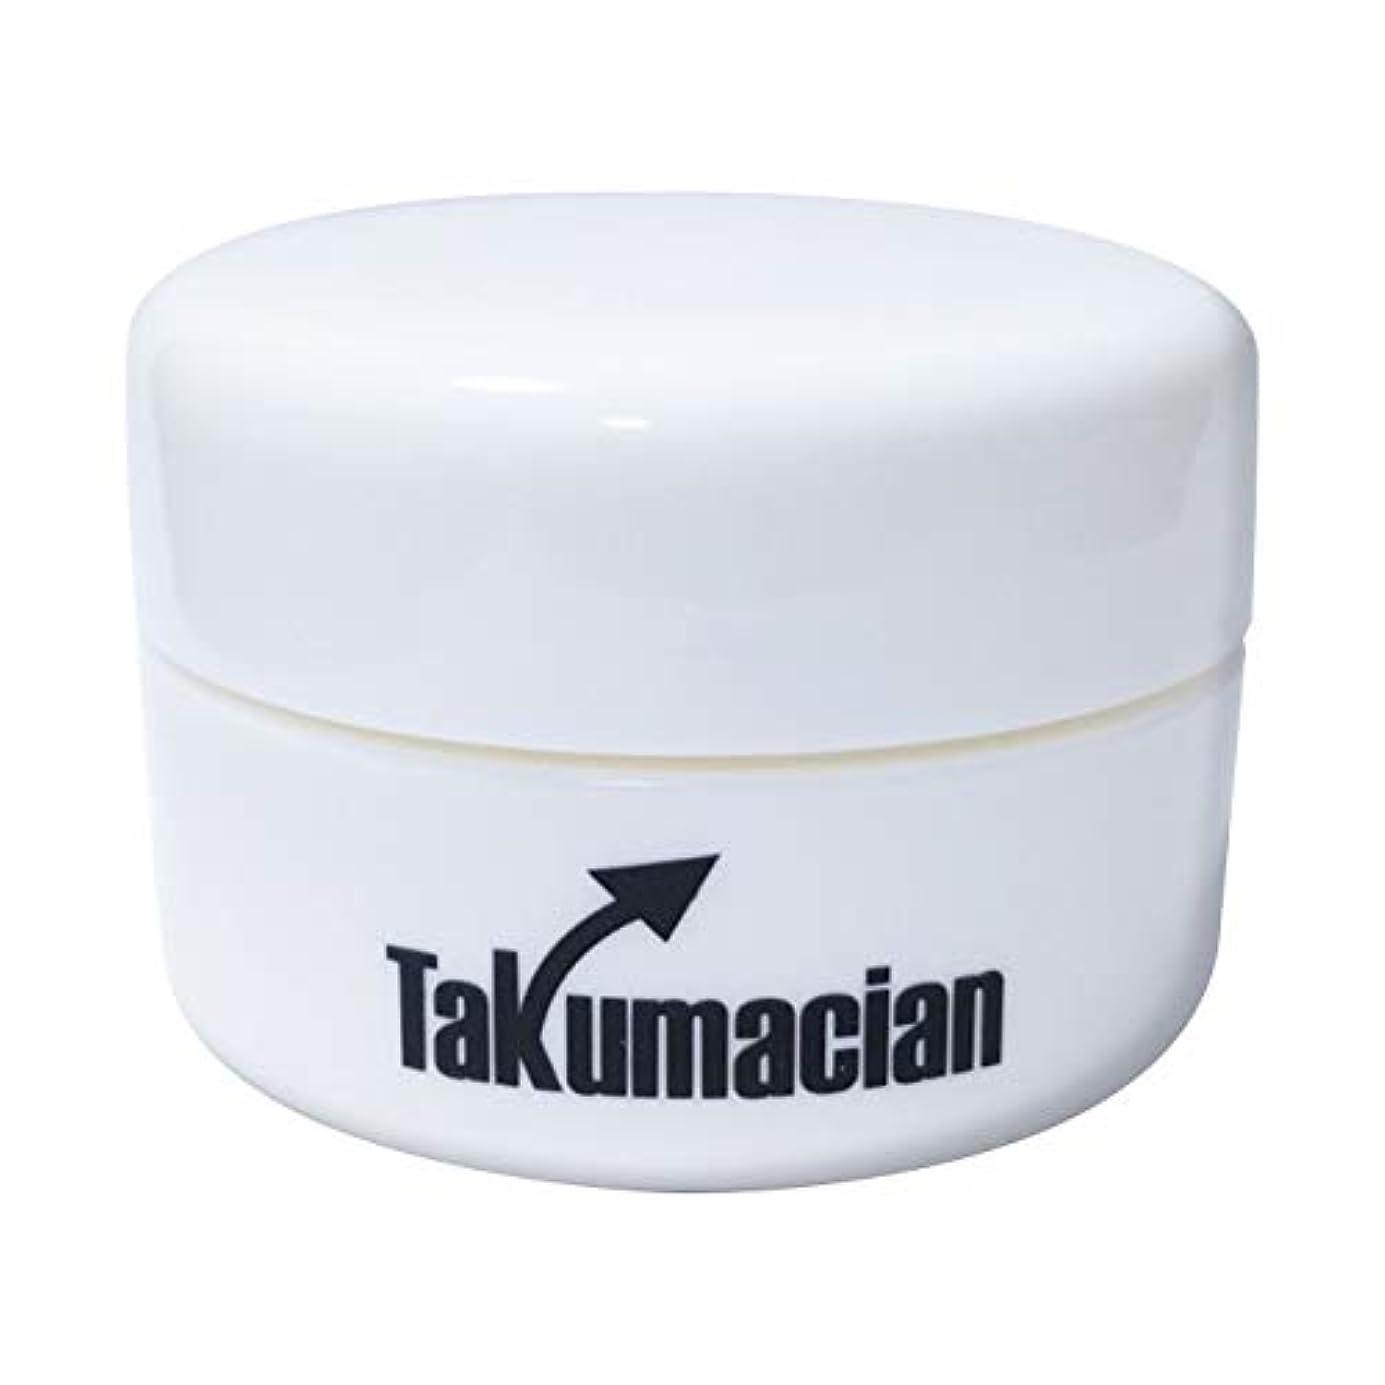 特許過半数ナプキンTakumacian タクマシアン ボディ用クリーム 男性用 長持ち 自信